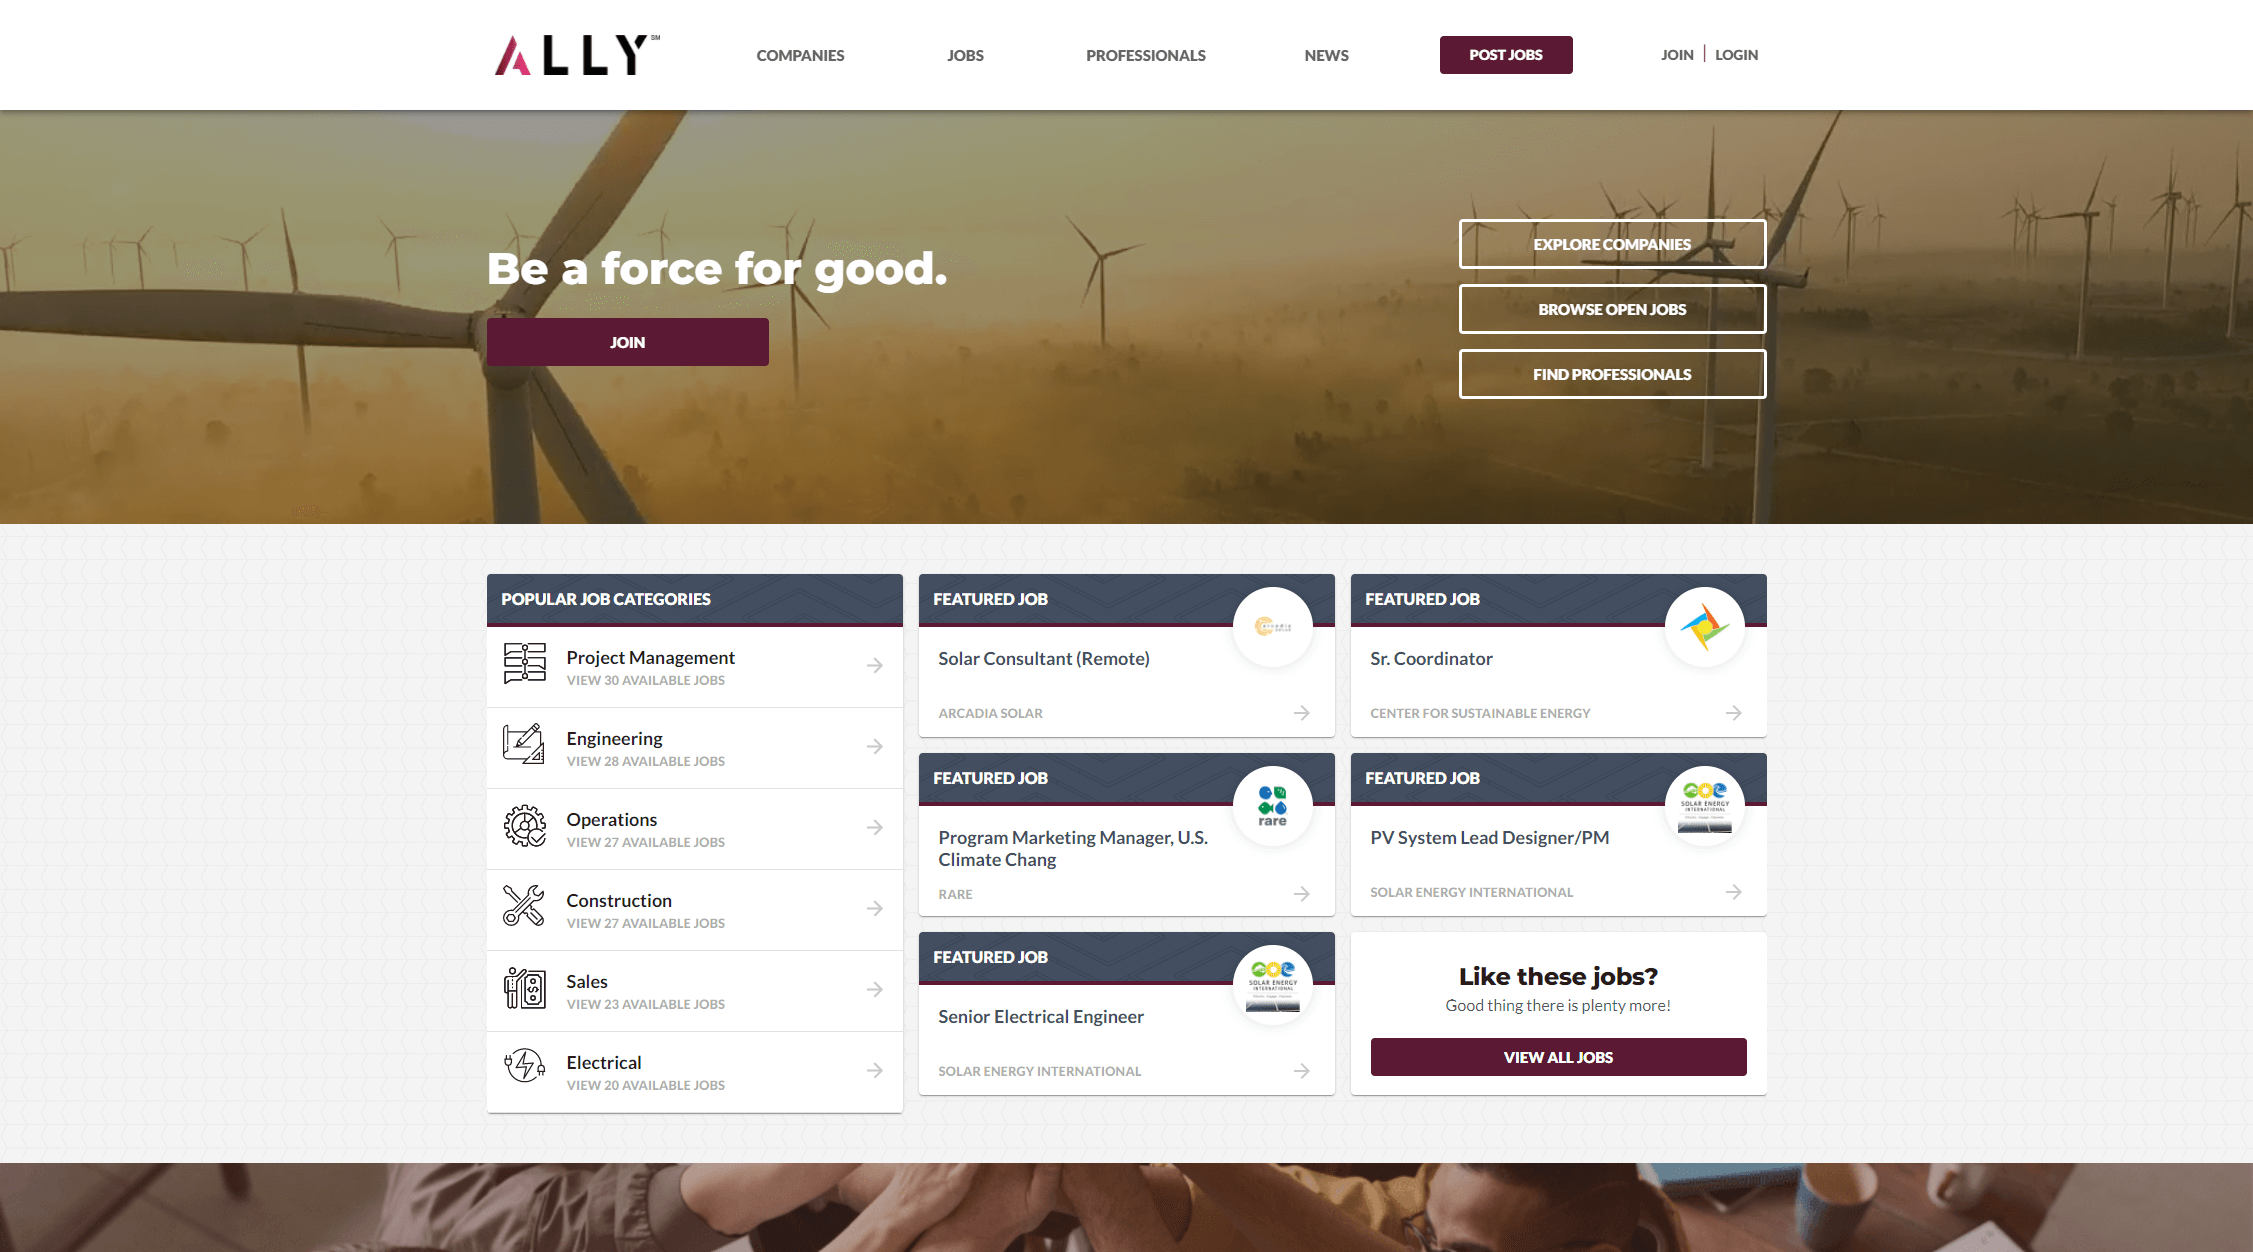 cleanenergysocial.com